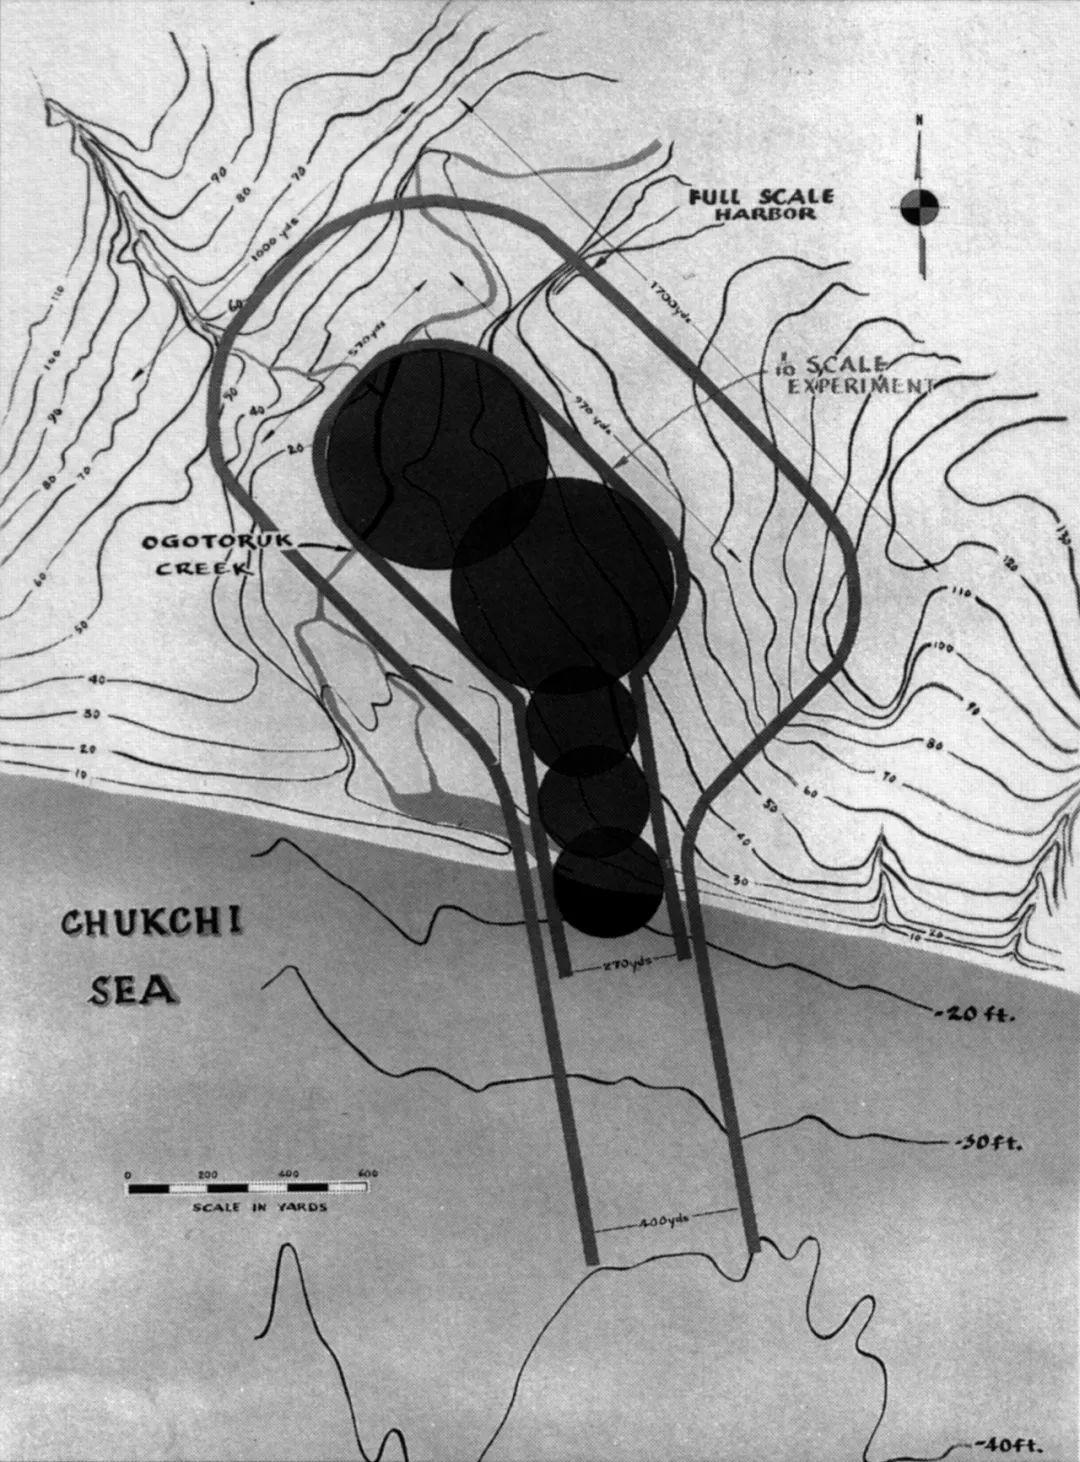 美国人曾计划用五次热核爆炸在阿拉斯加造港口